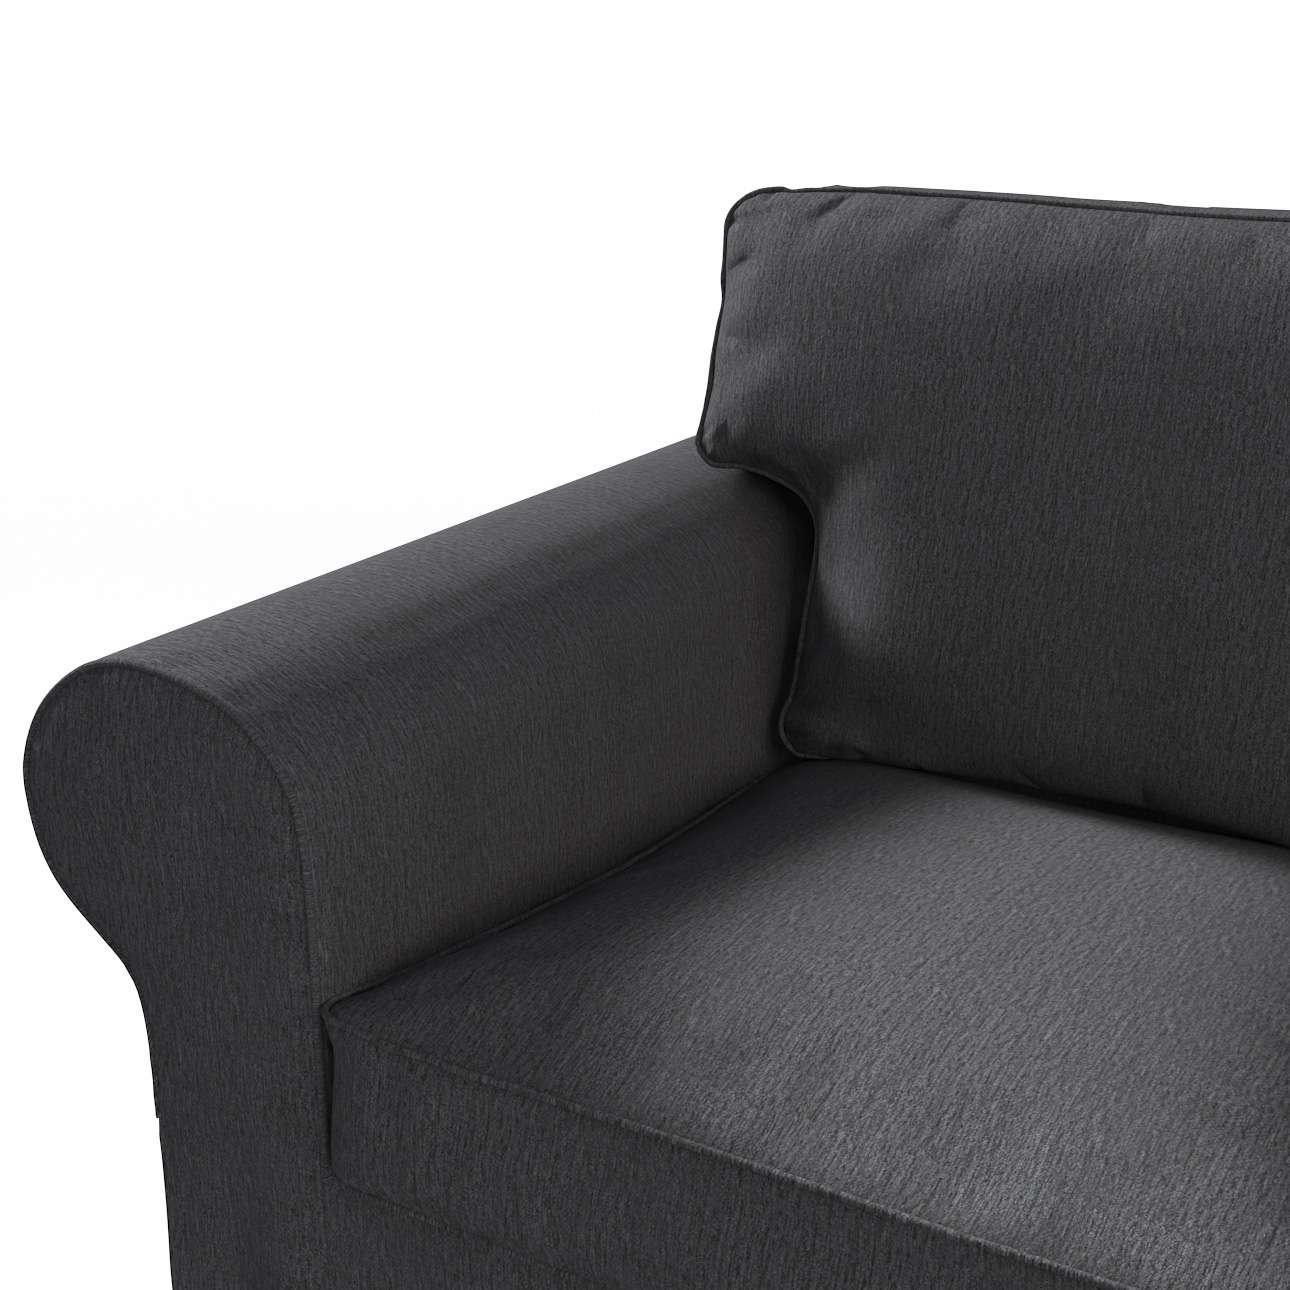 Bezug für Ektorp 3-Sitzer Schlafsofa, neues Modell (2013) von der Kollektion Chenille, Stoff: 702-20